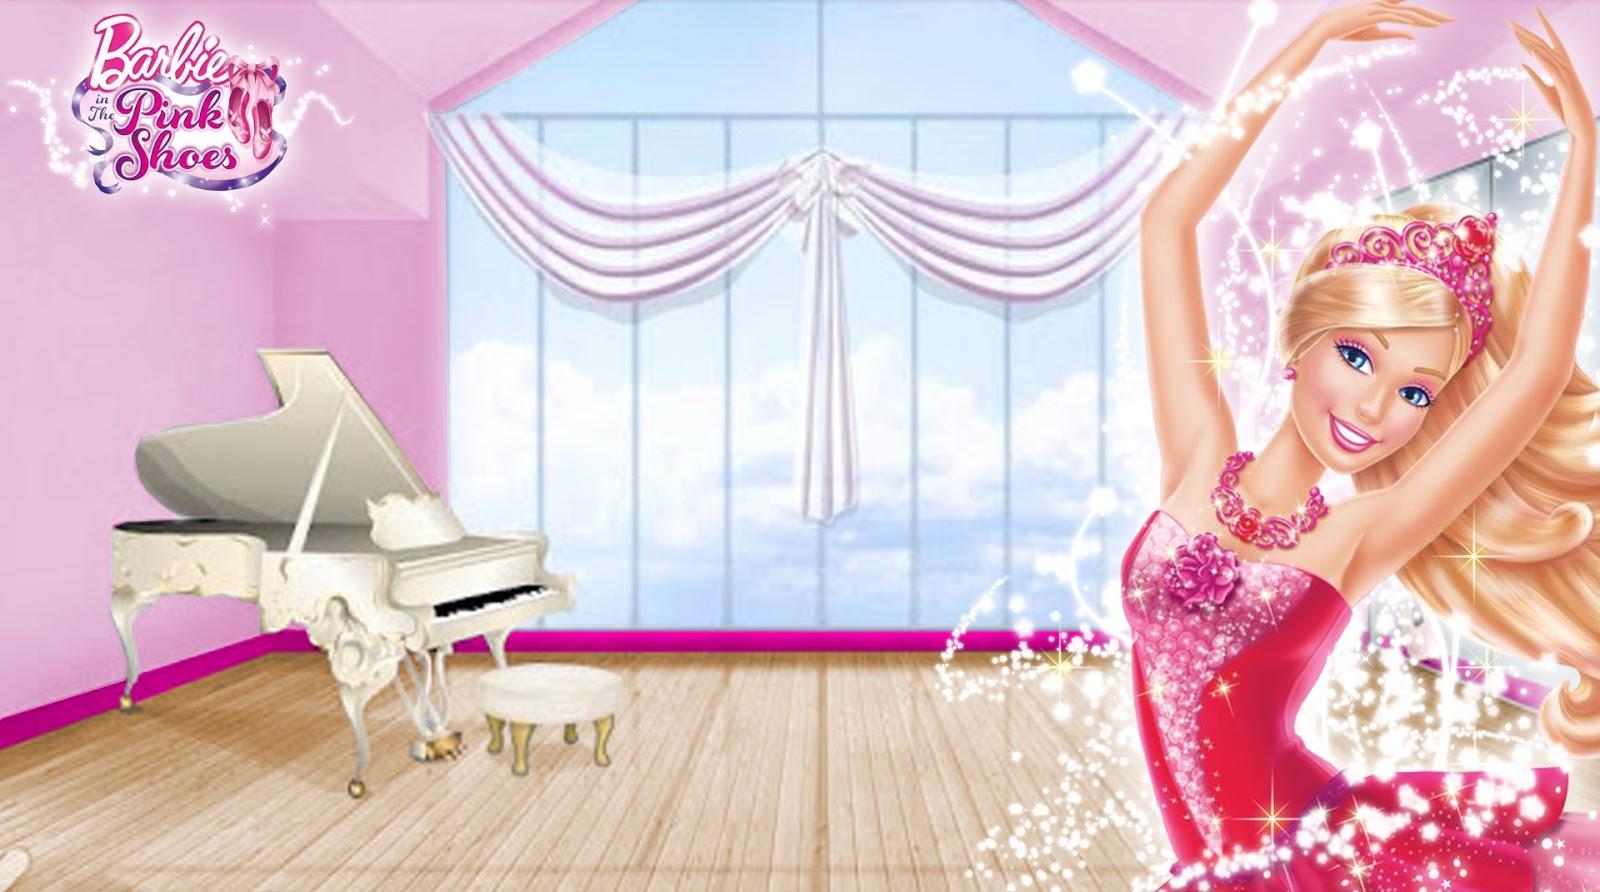 http://1.bp.blogspot.com/-Bpgyh_snc1c/UHX3XN-VPjI/AAAAAAAAI6o/vy7FfIY1NMQ/s1600/Pink_Shoes_Wallpaper.jpg